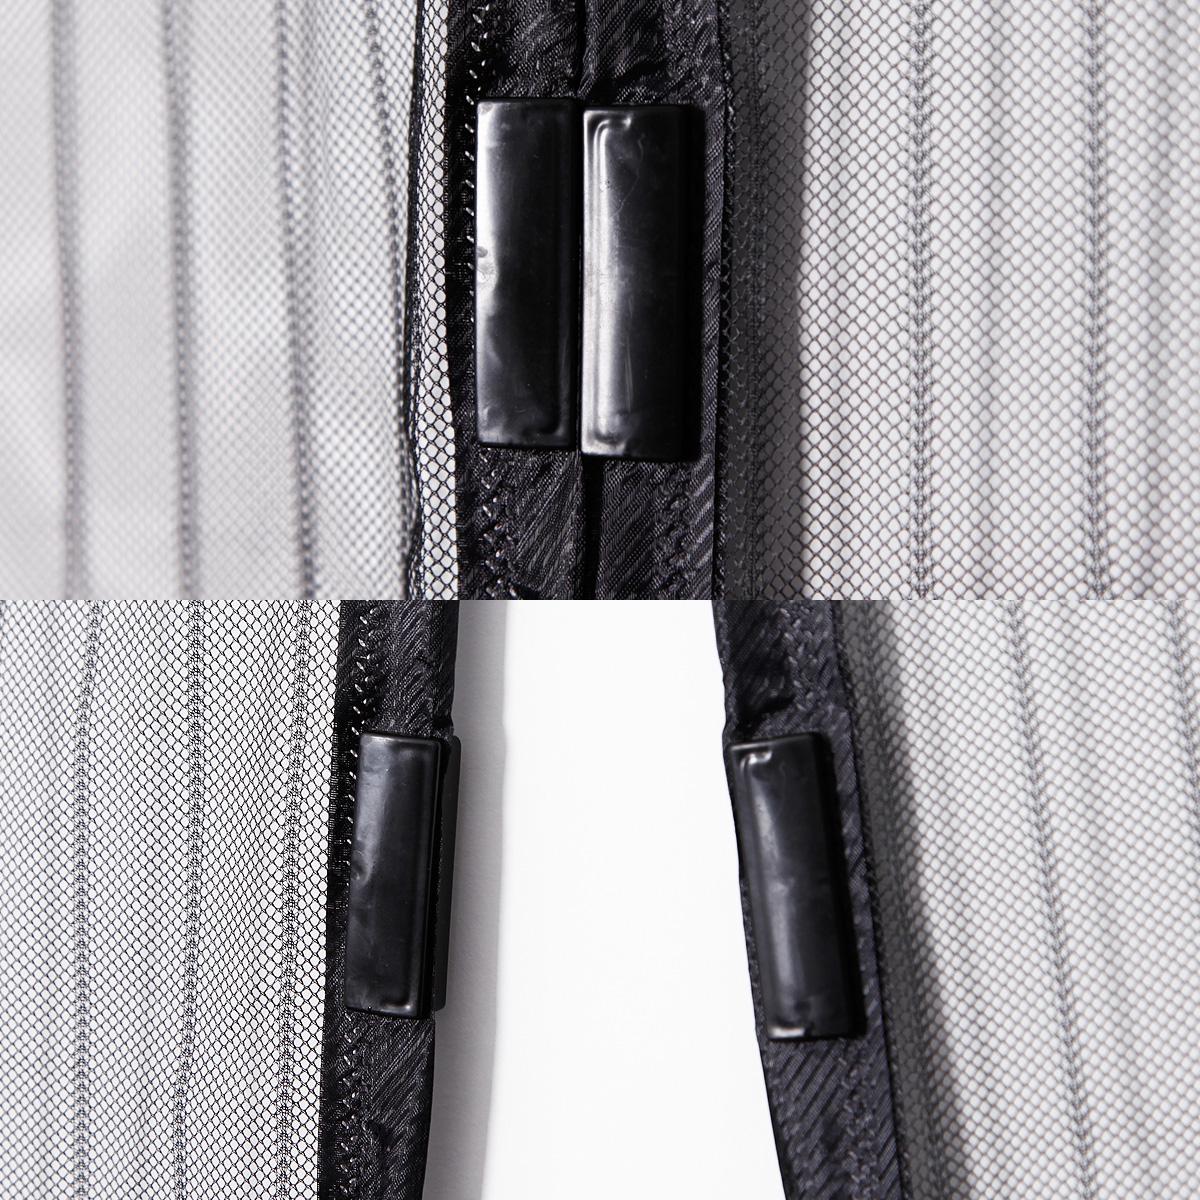 moustiquaire ray rideau de porte anti mousitique fermoir aimant 100x210cm ebay. Black Bedroom Furniture Sets. Home Design Ideas